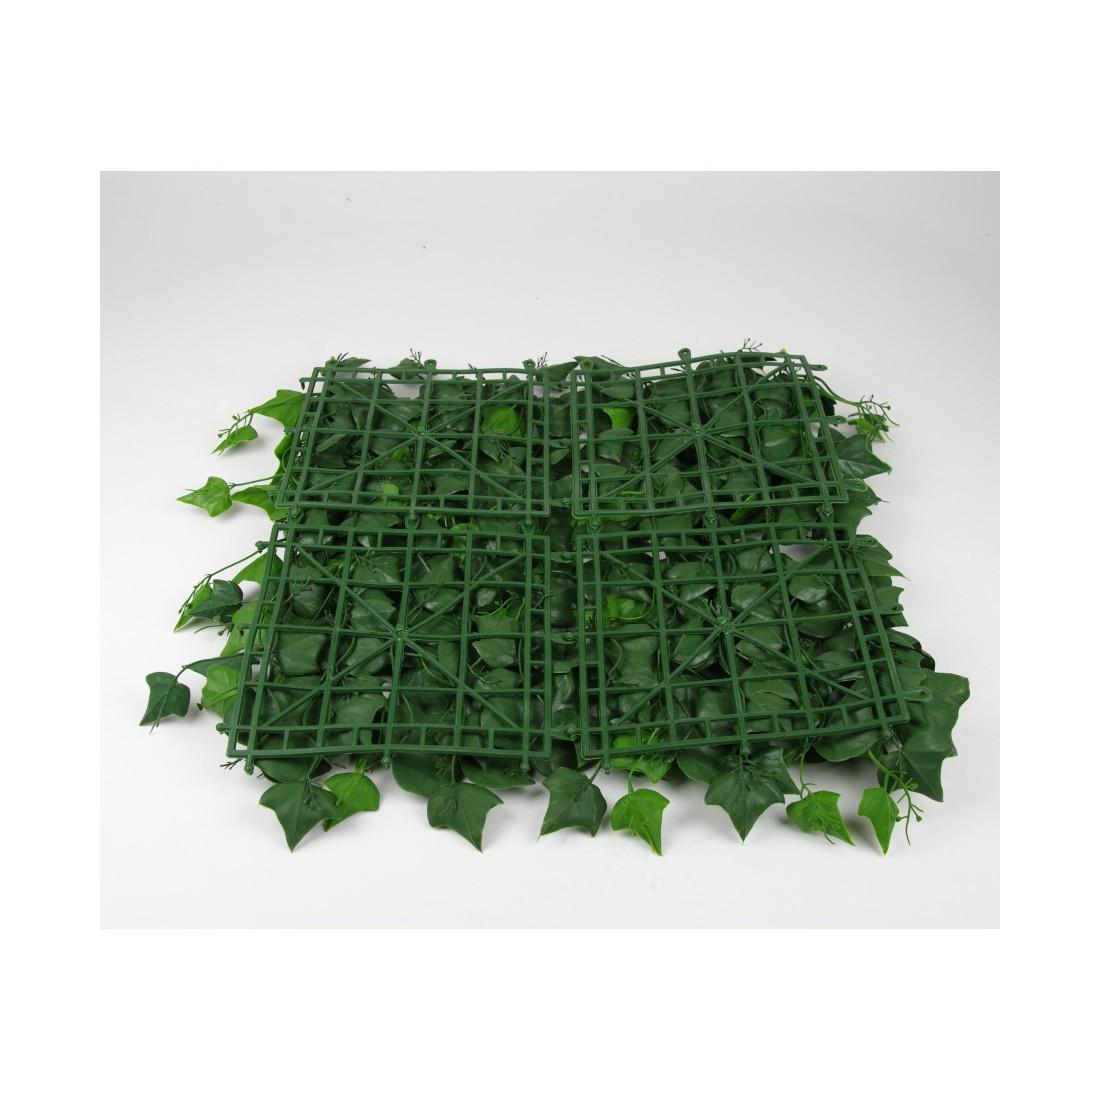 mur vegetal a 100 x 100 cm pour exterieur reflets nature lyon. Black Bedroom Furniture Sets. Home Design Ideas